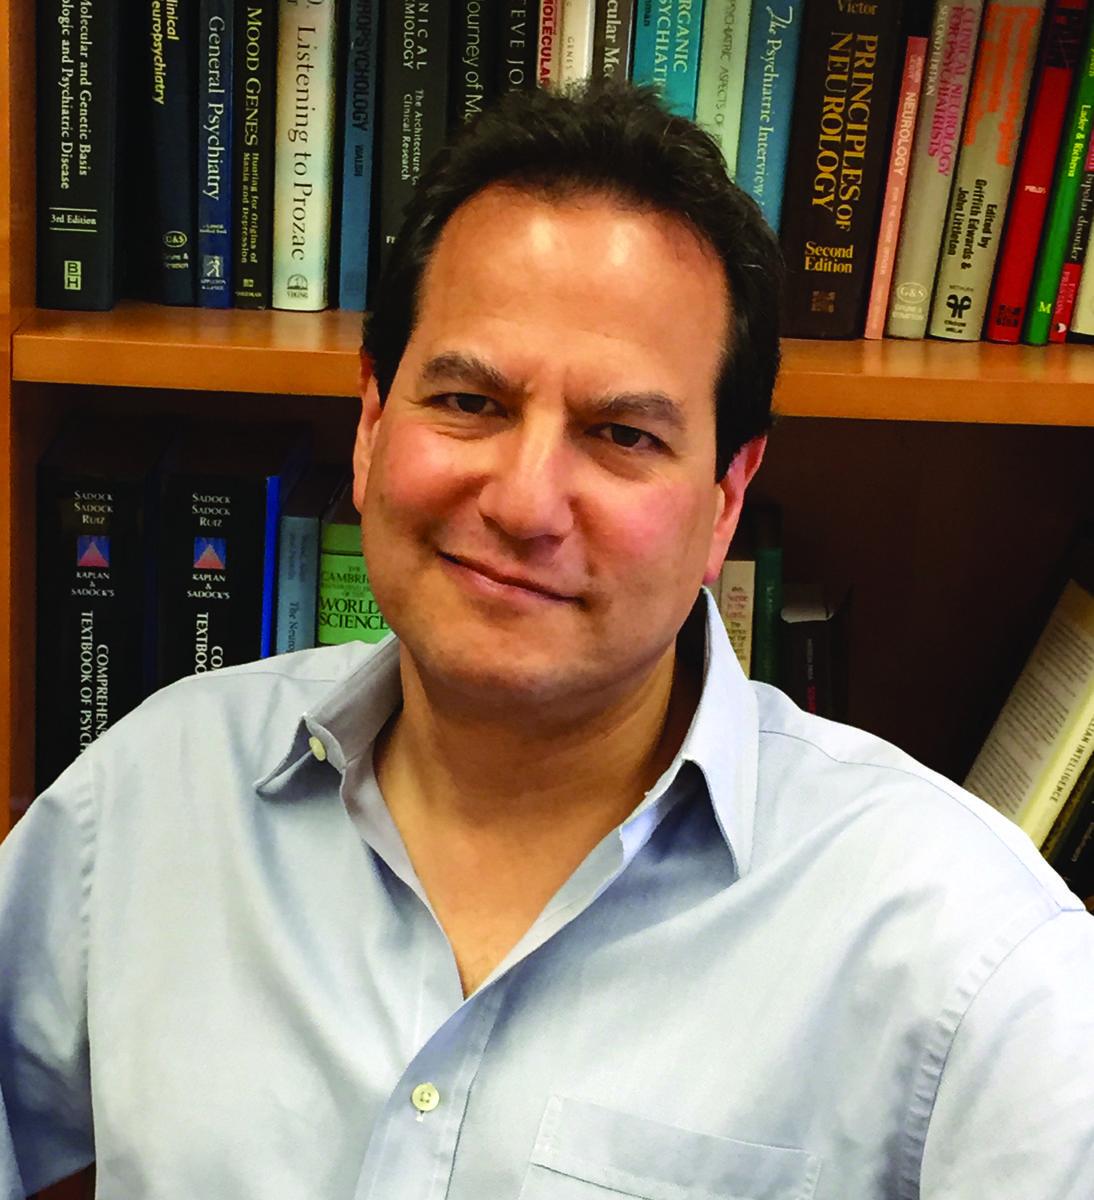 Dr. Nelson Freimer